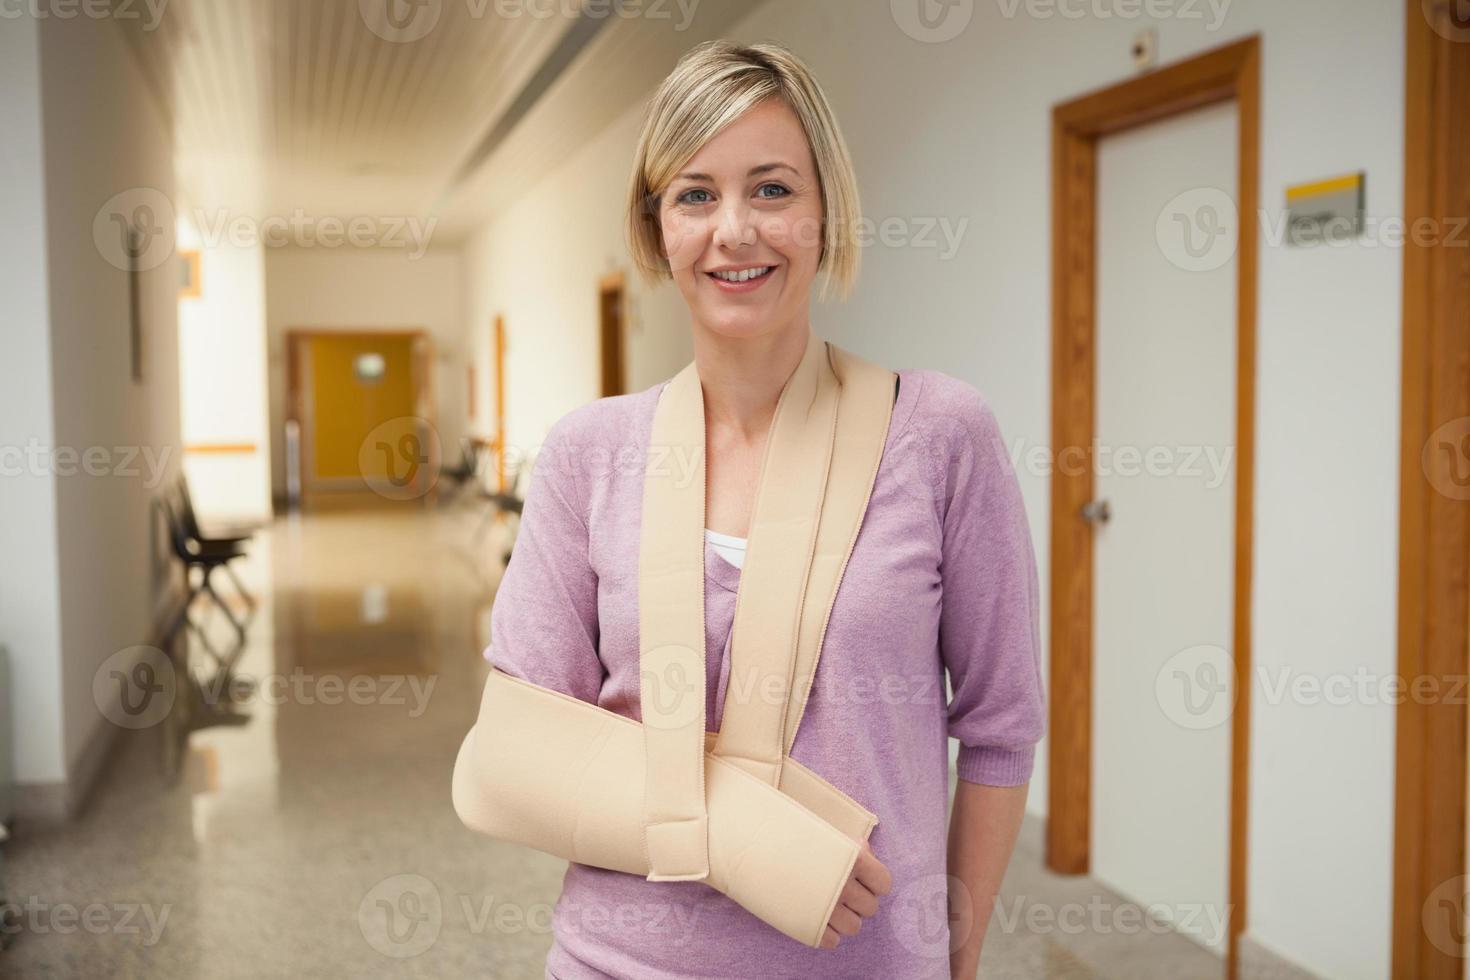 paciente con fractura de brazo foto